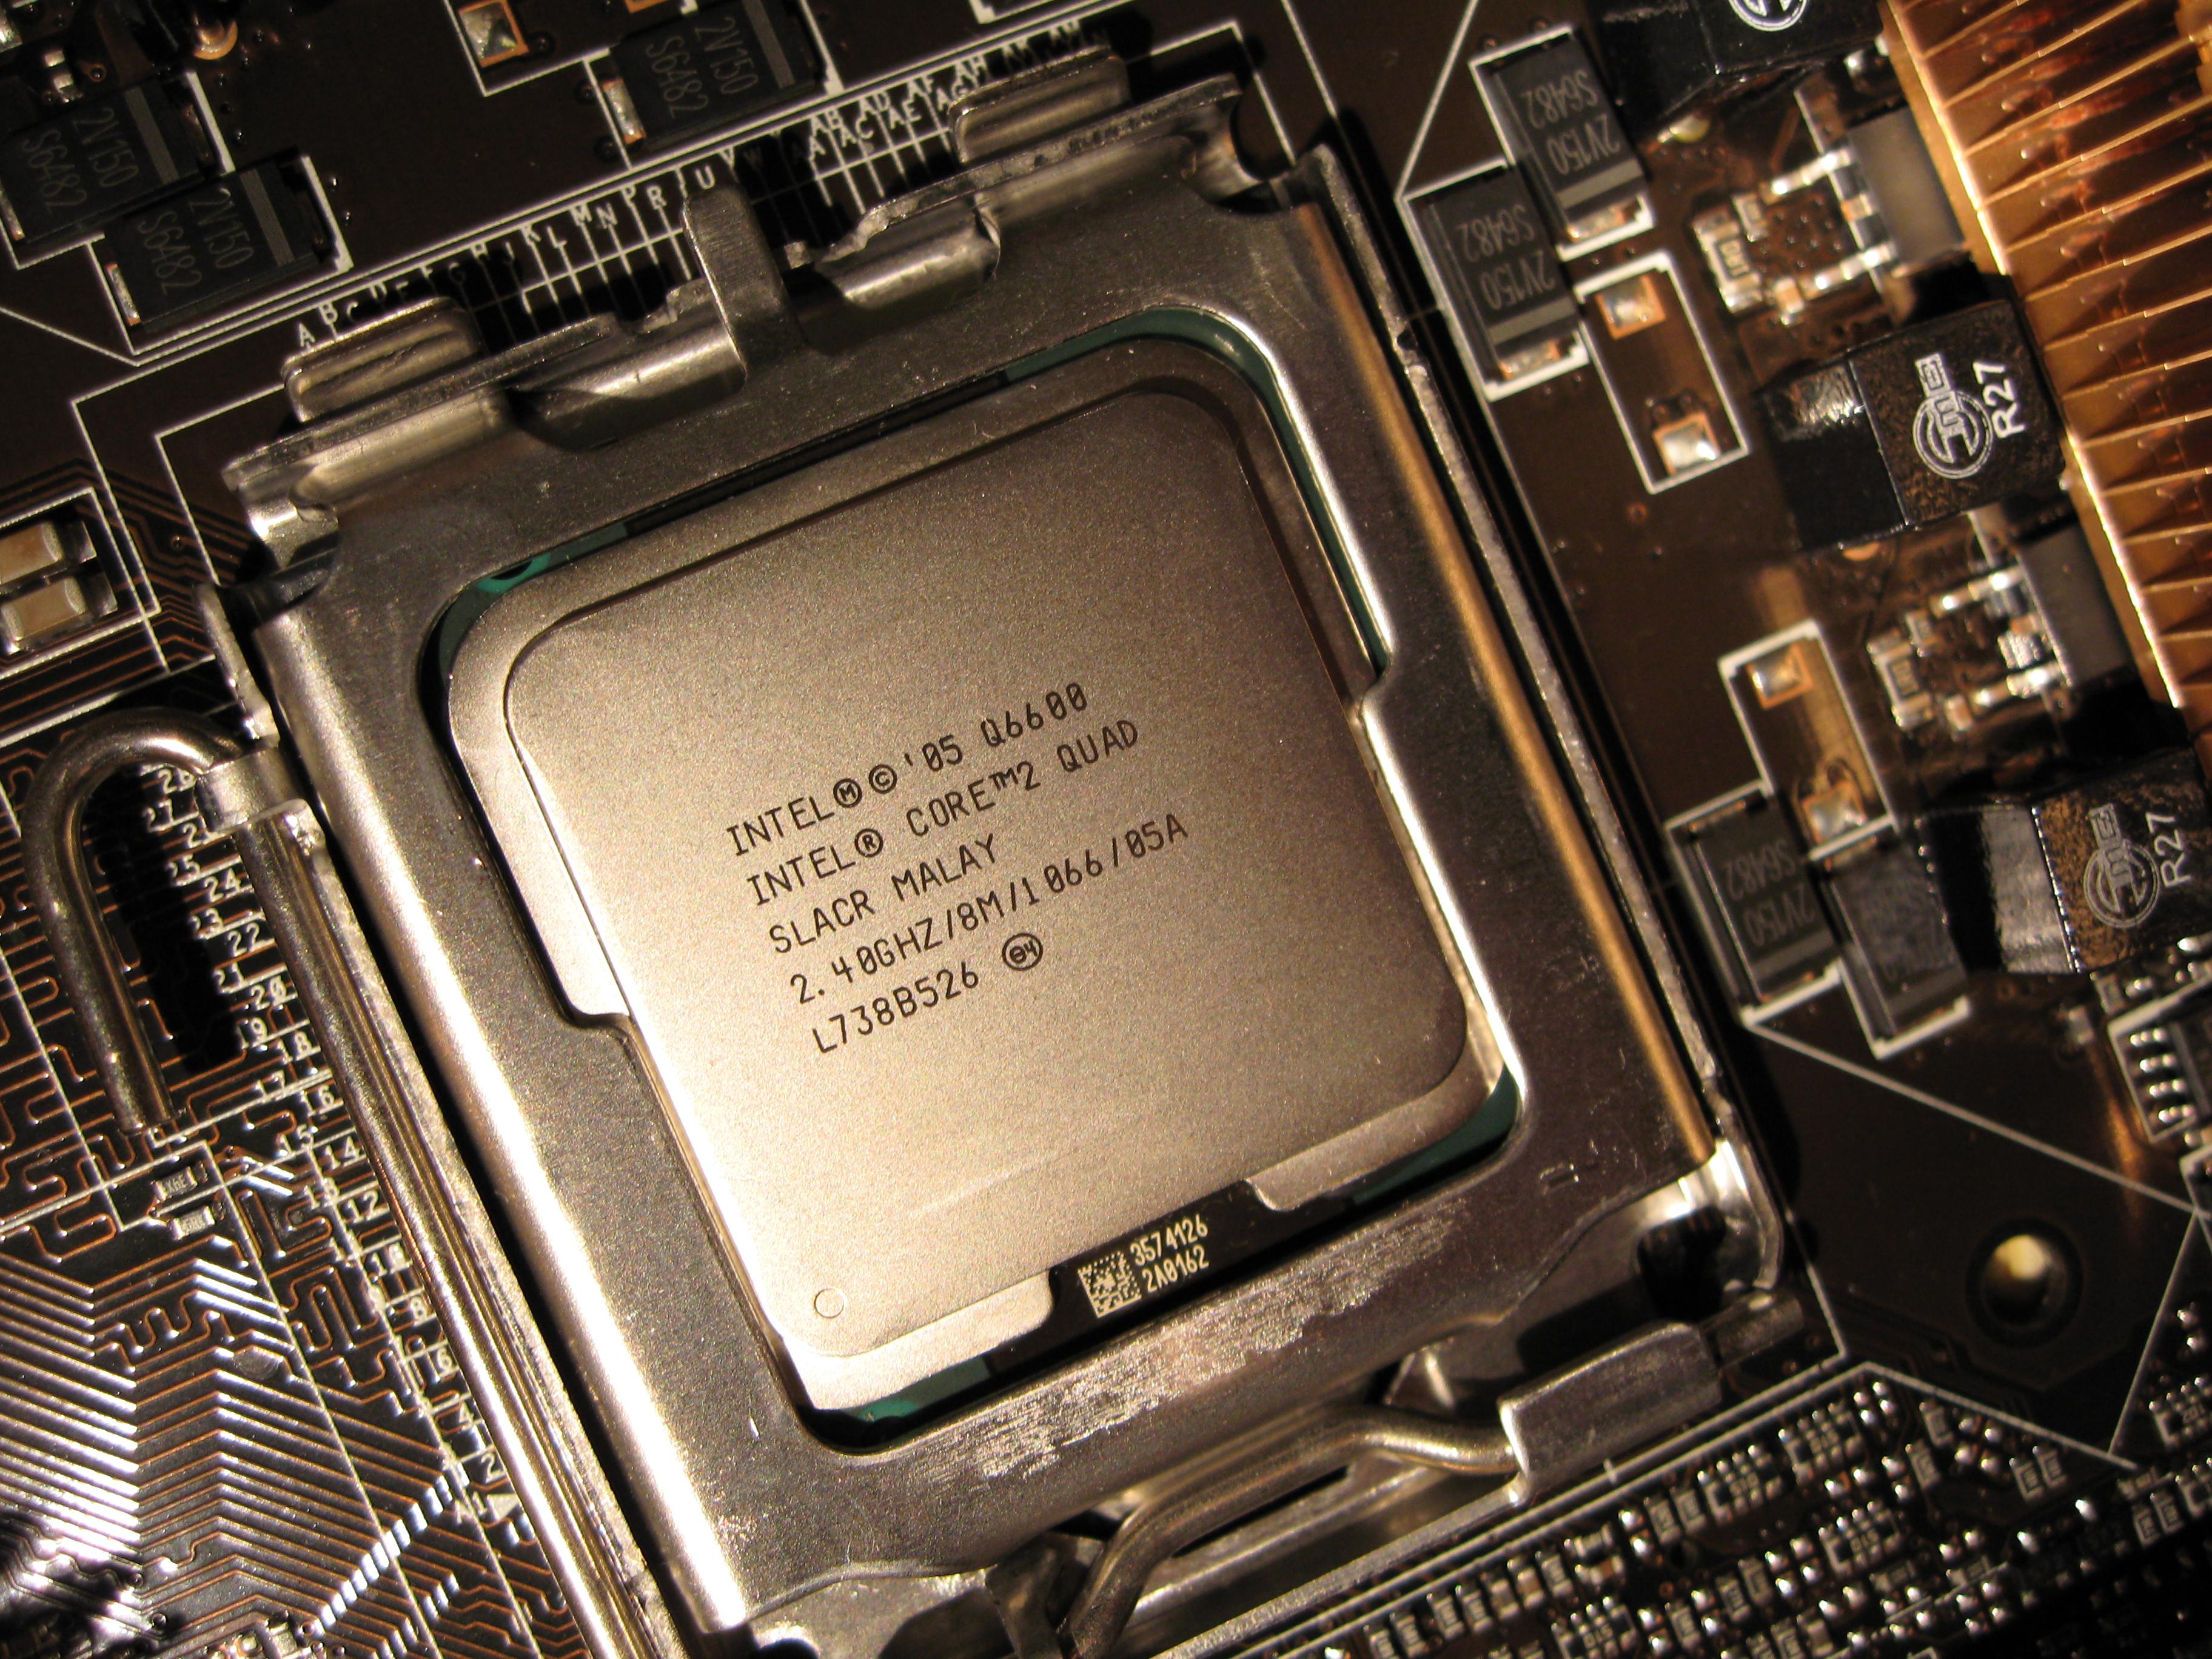 Kényeztessük magunkat QX6800-zal